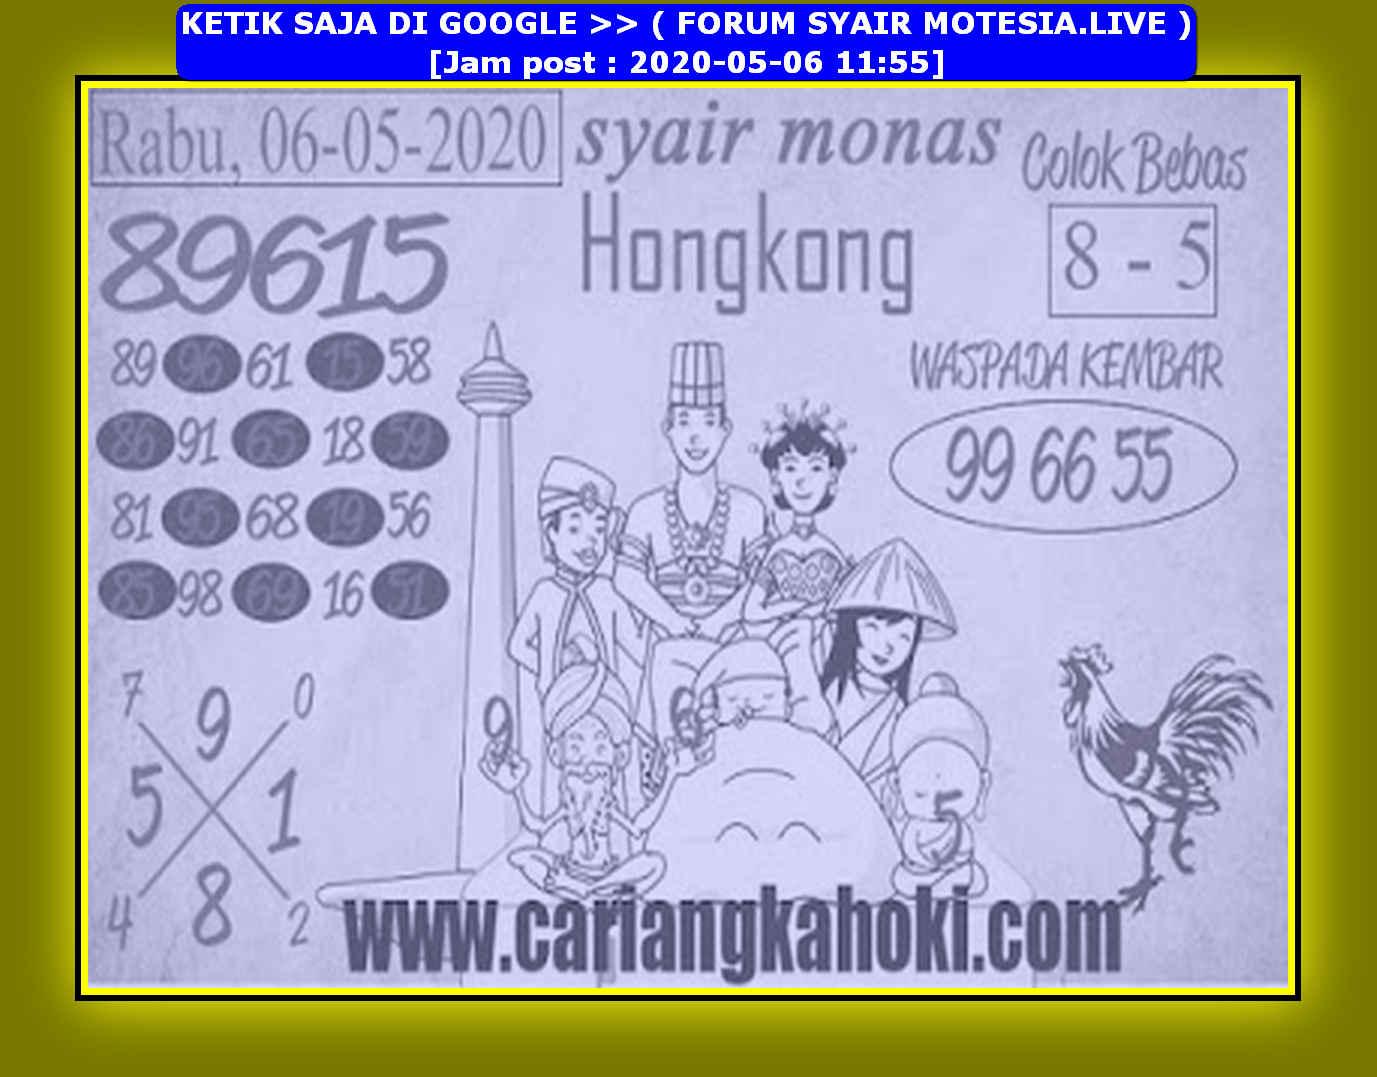 Kode syair Hongkong Rabu 6 Mei 2020 202